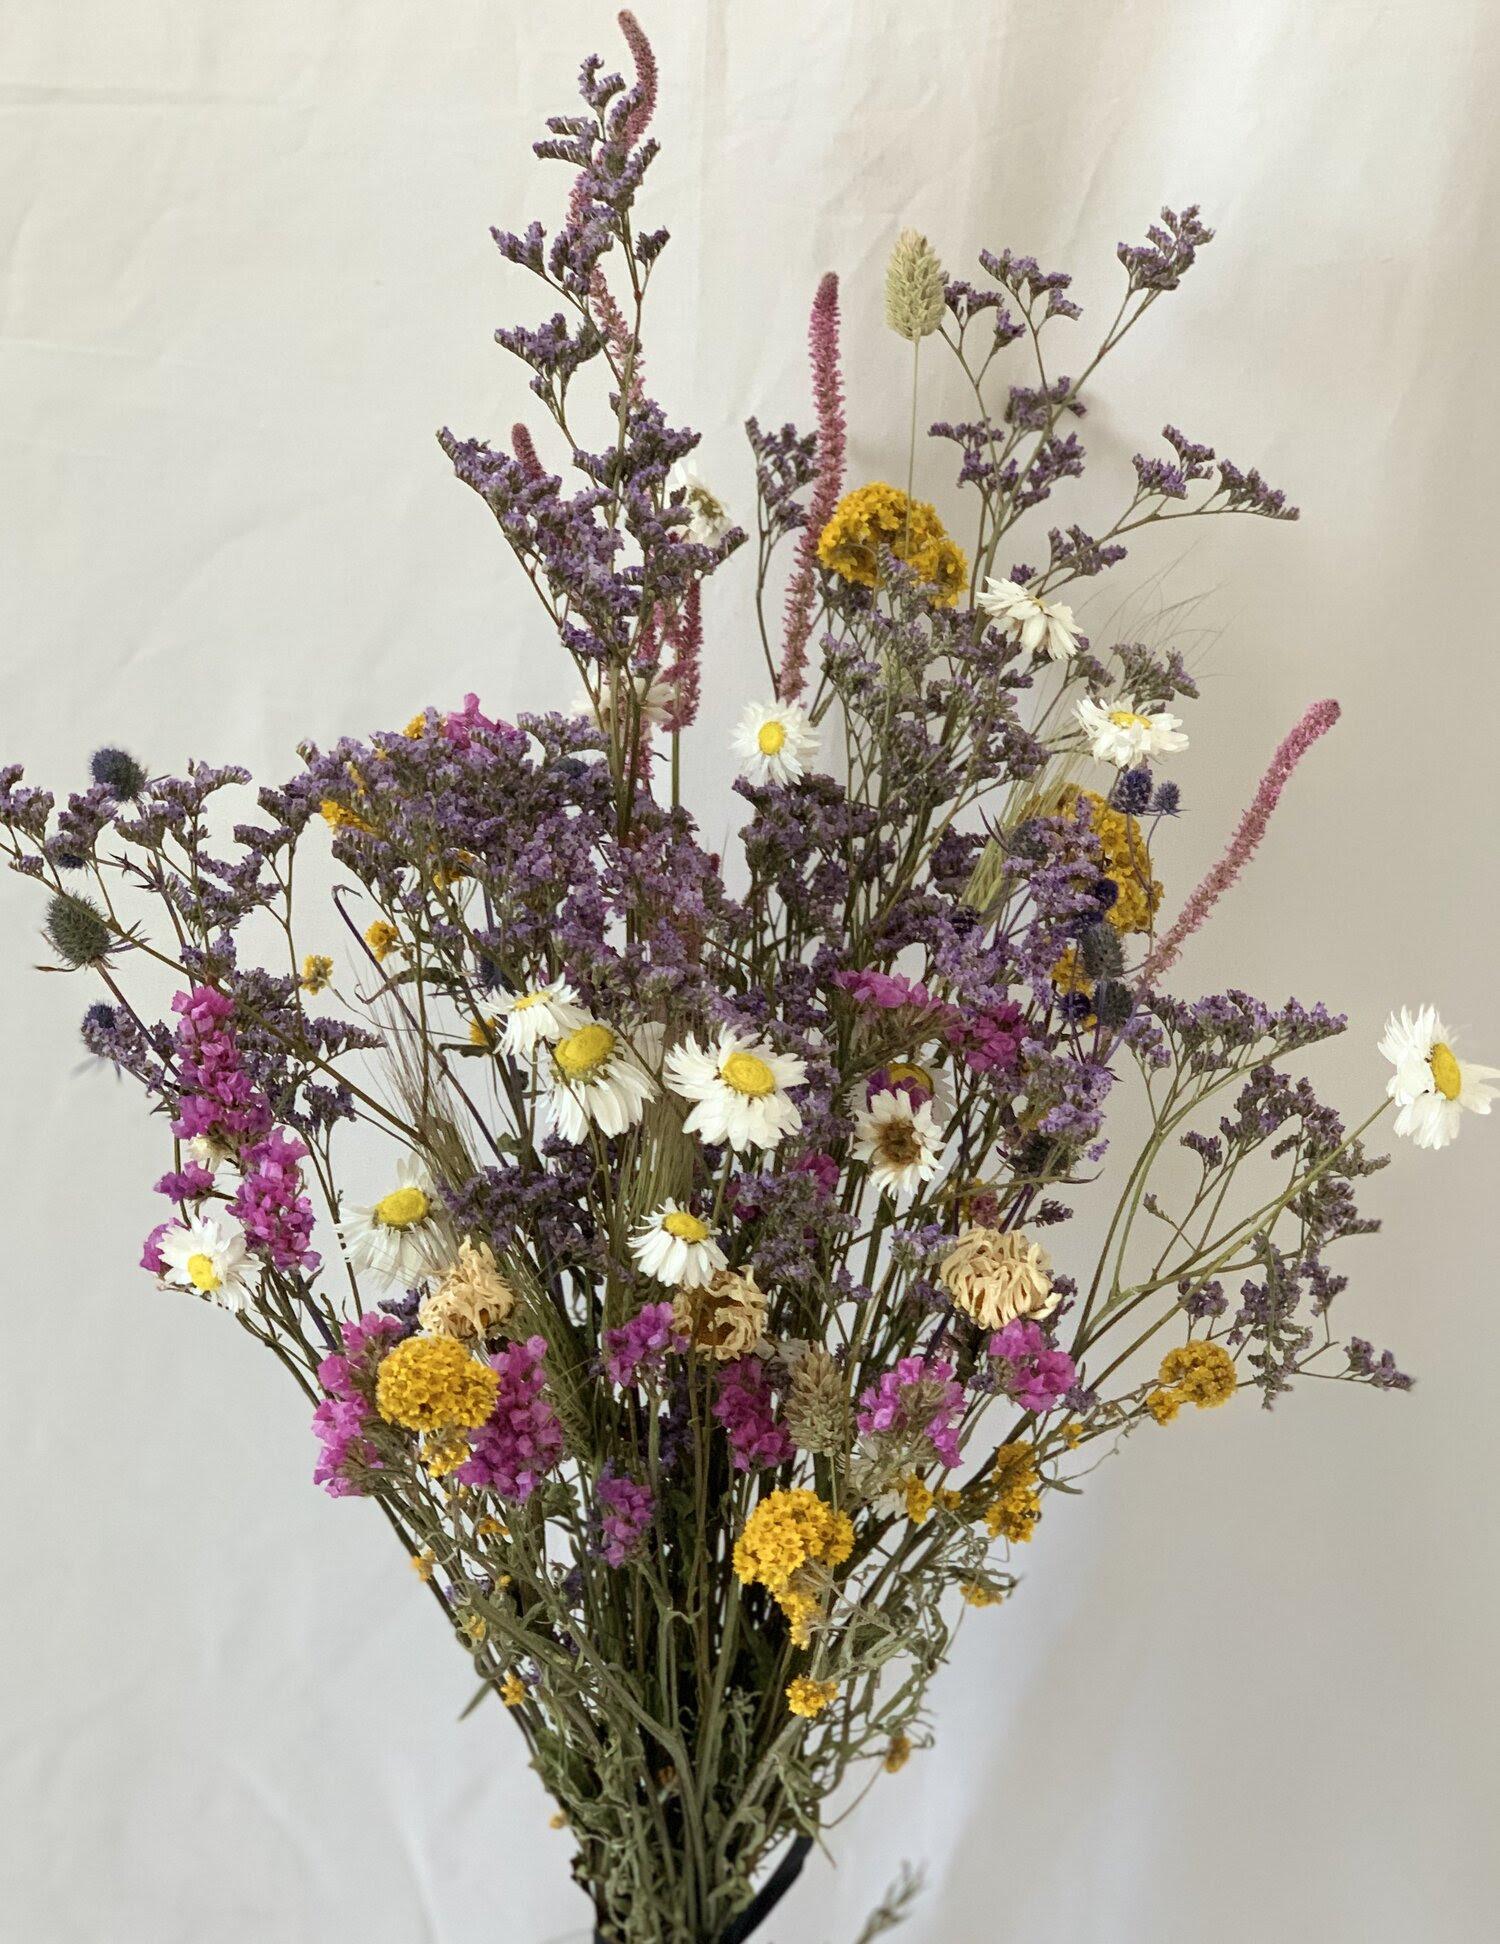 Louise Dried Flower Bouquet Daisy Wrap Sophia Vincent